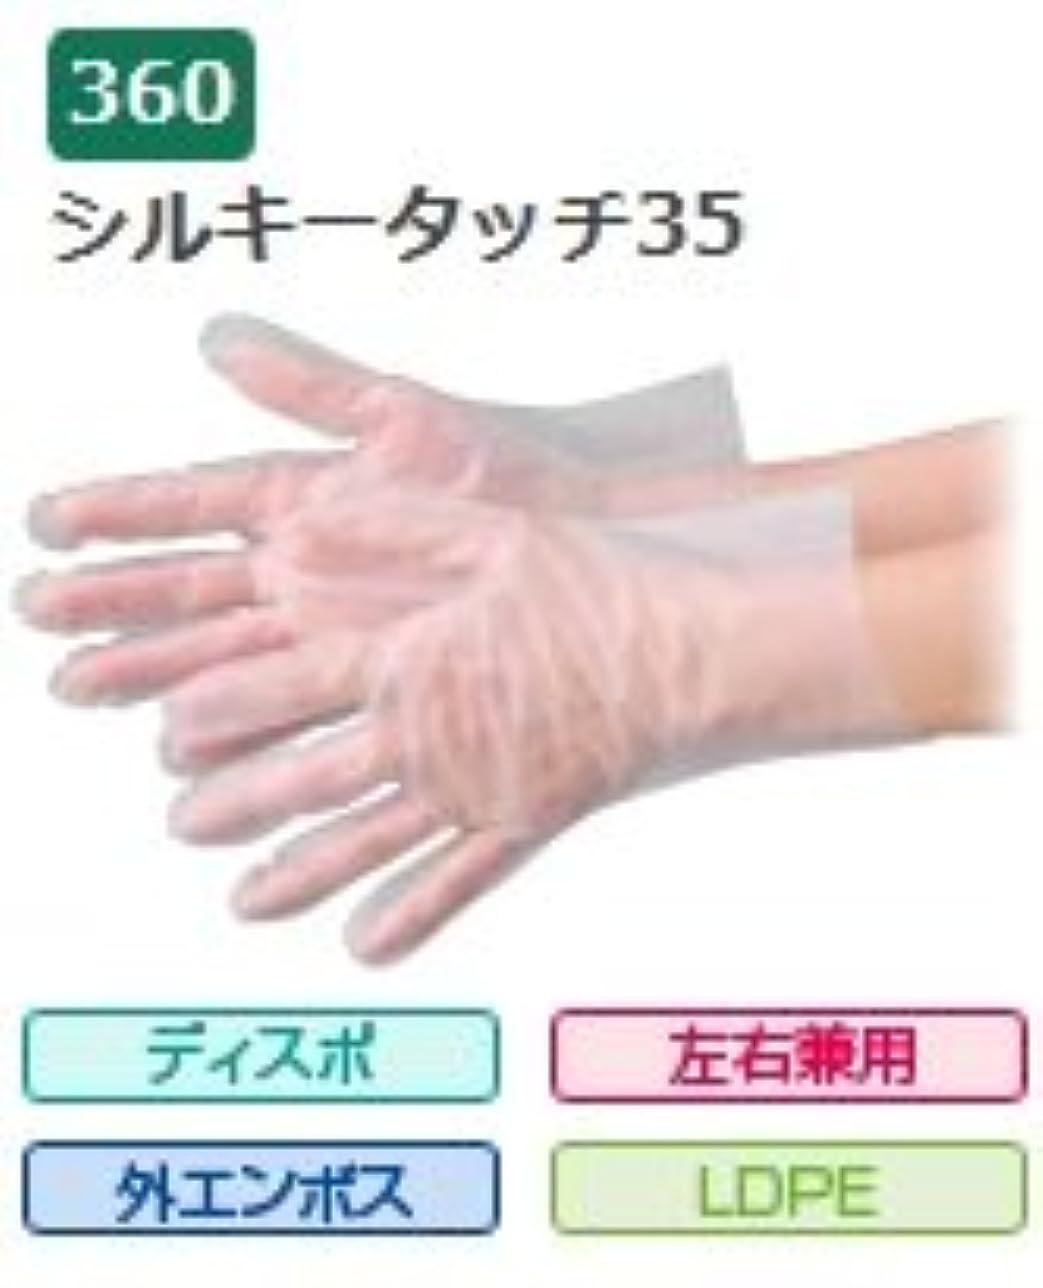 セント外観くエブノ ポリエチレン手袋 No.360 M 半透明 (100枚×50袋) シルキータッチ35 袋入